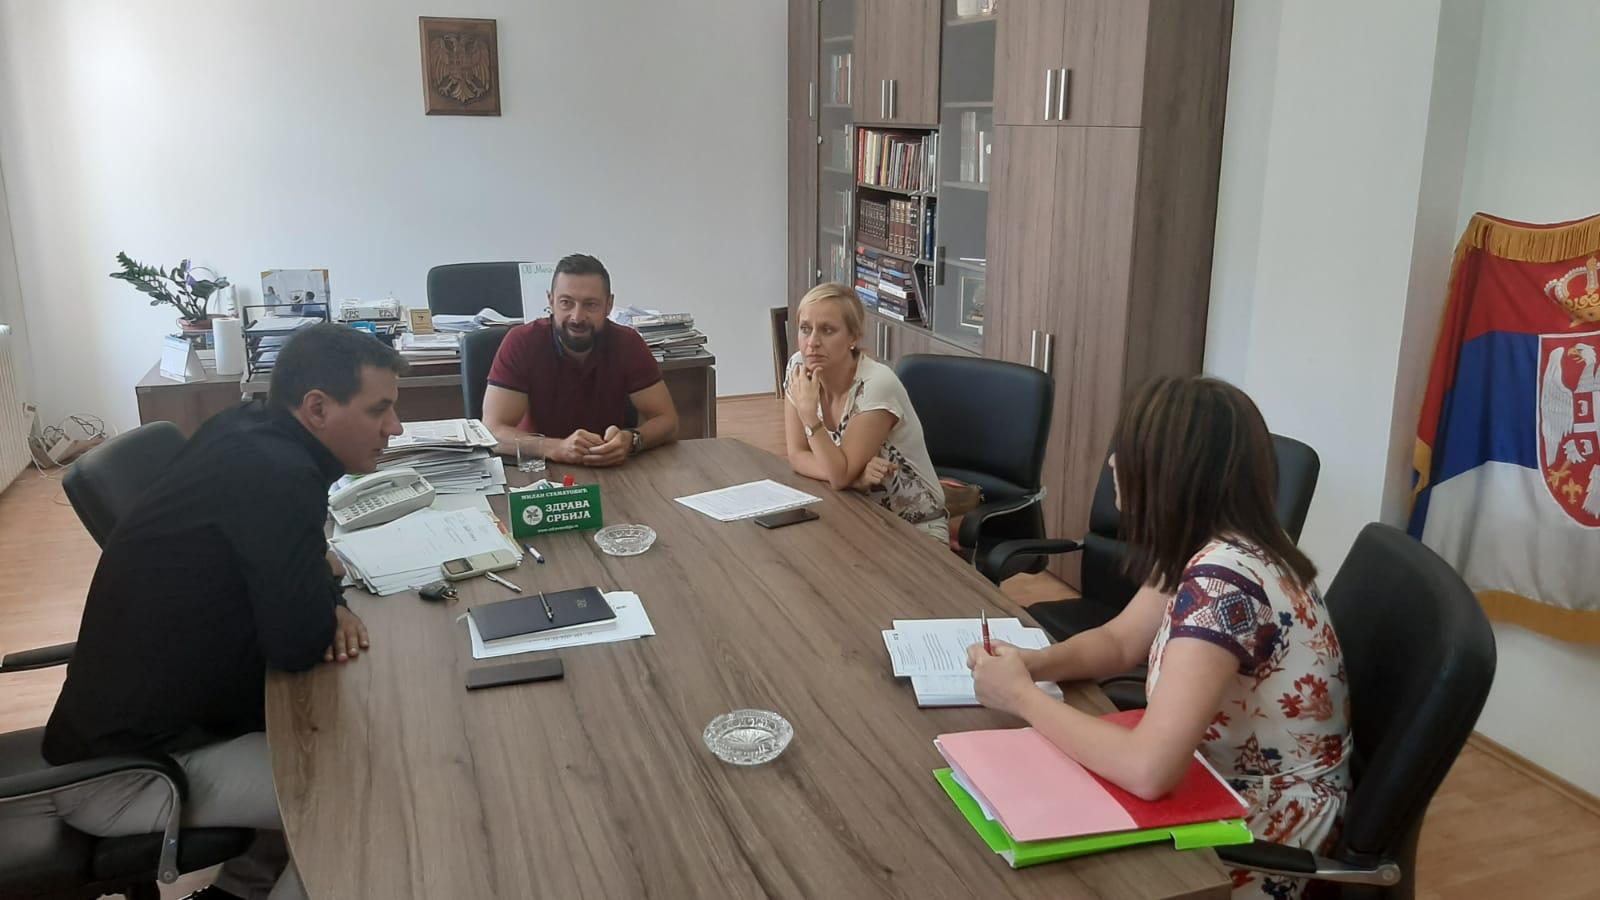 Топола у сарадњи са развојним бизнис центром из Крагујевца реализује неколико пројеката (ВИДЕО)